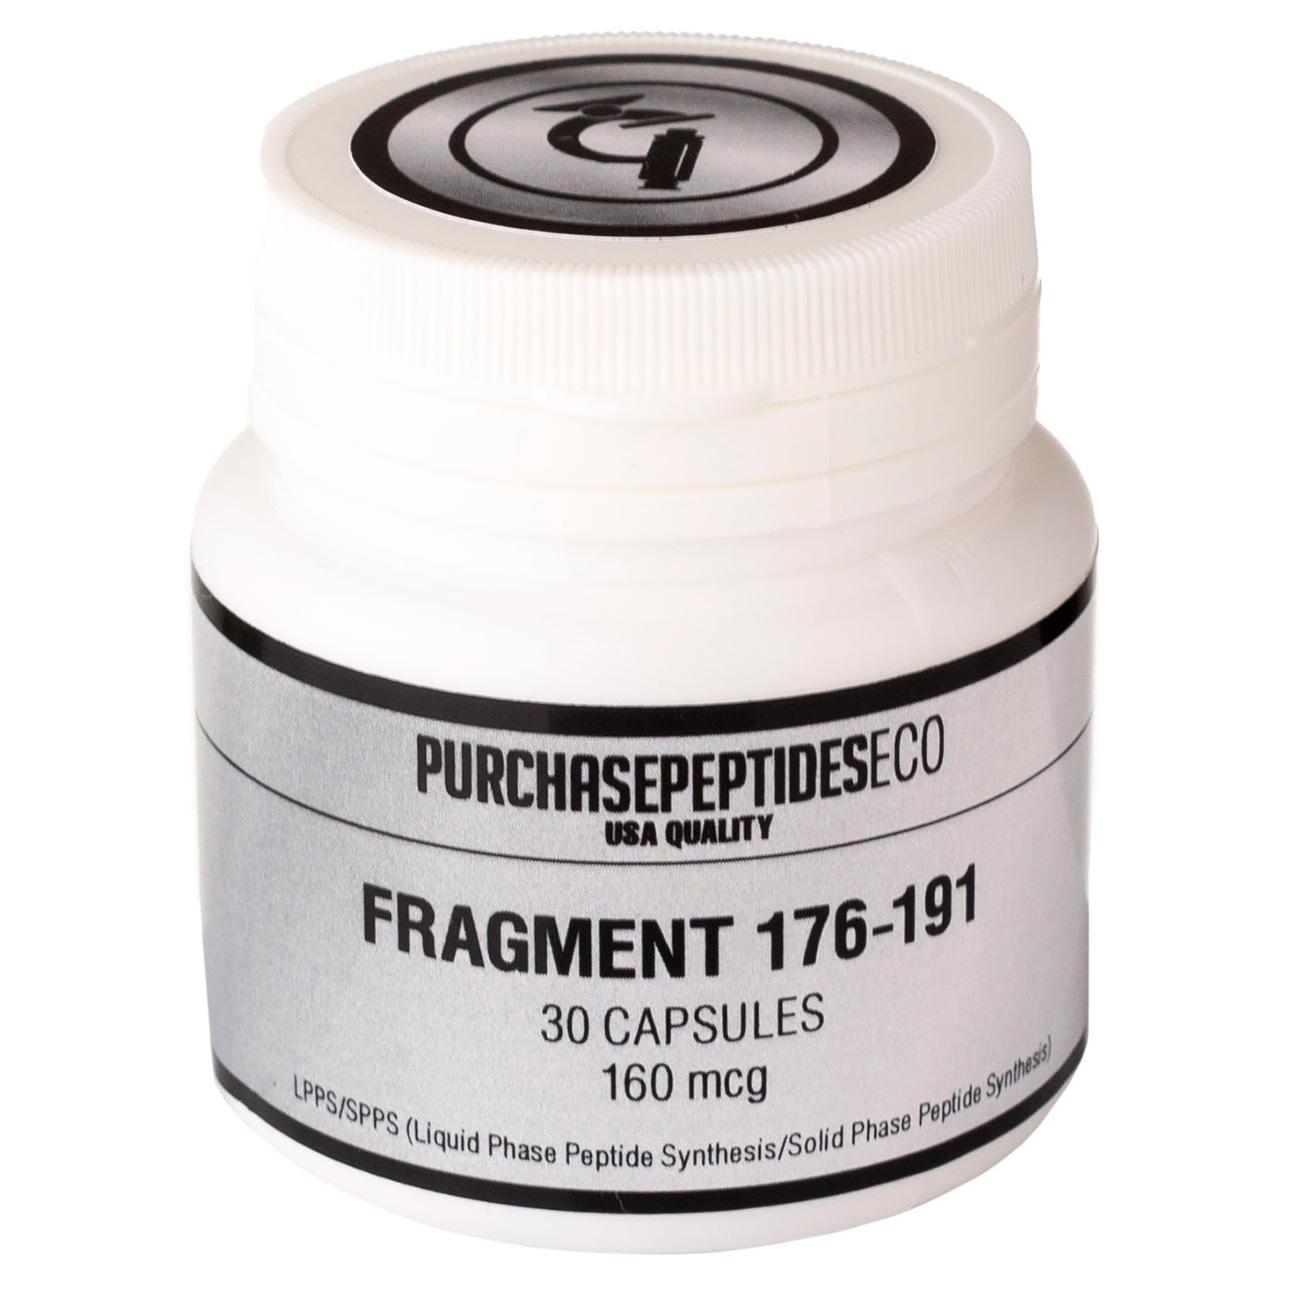 Пептиды hgh frag 176-191 цена в харькове гармоны роста, как их принимать